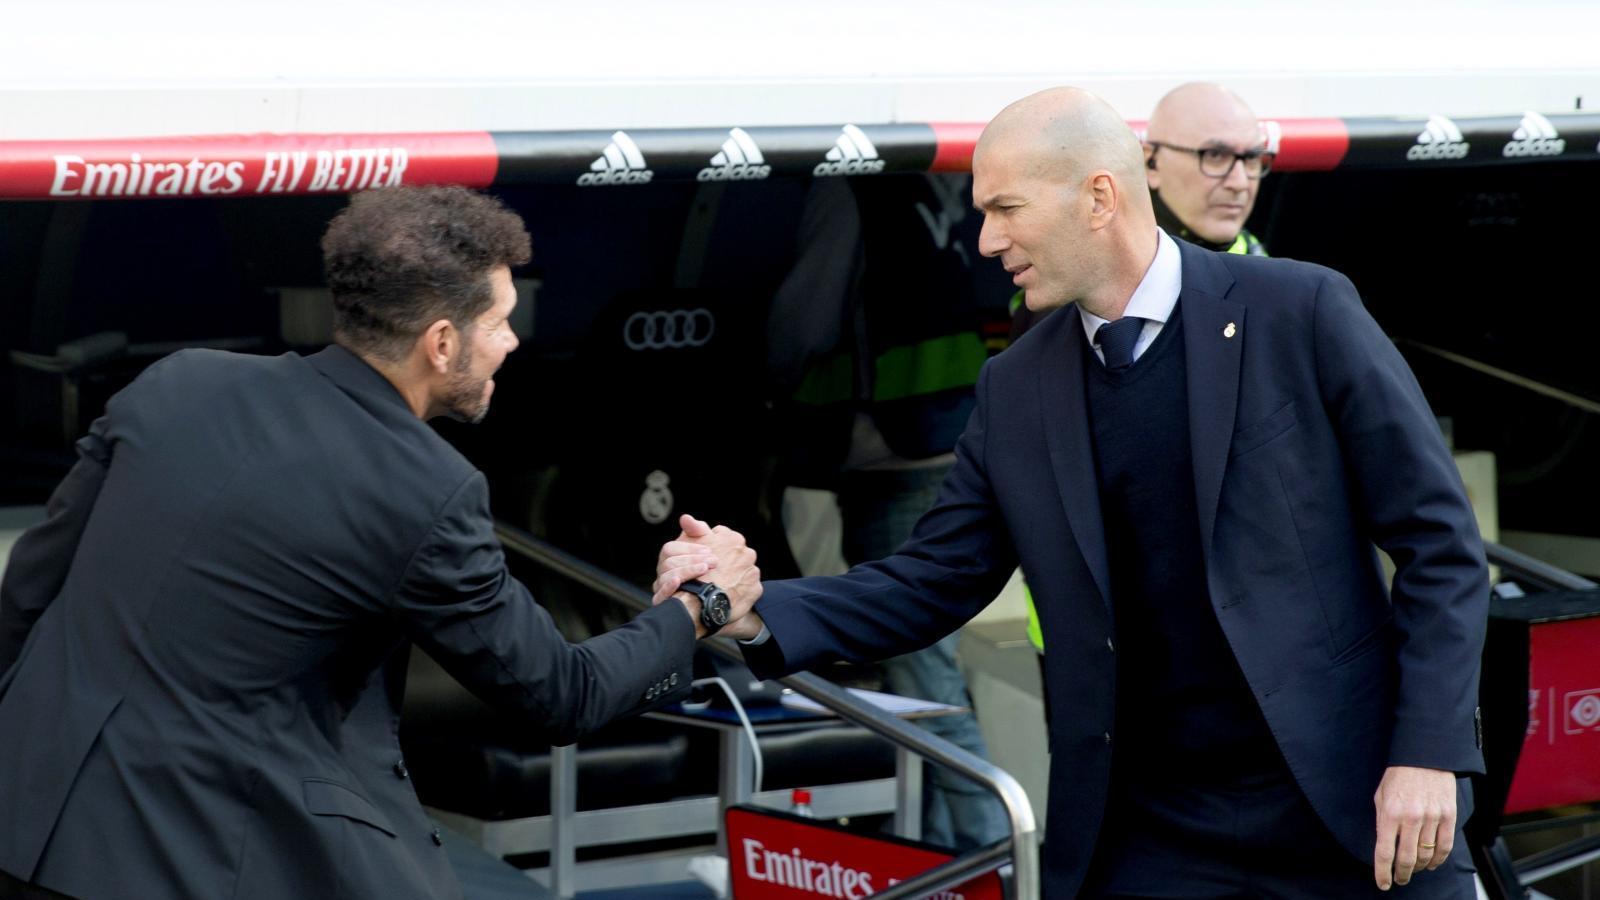 Atlético o Real Madrid, esa es la cuestión